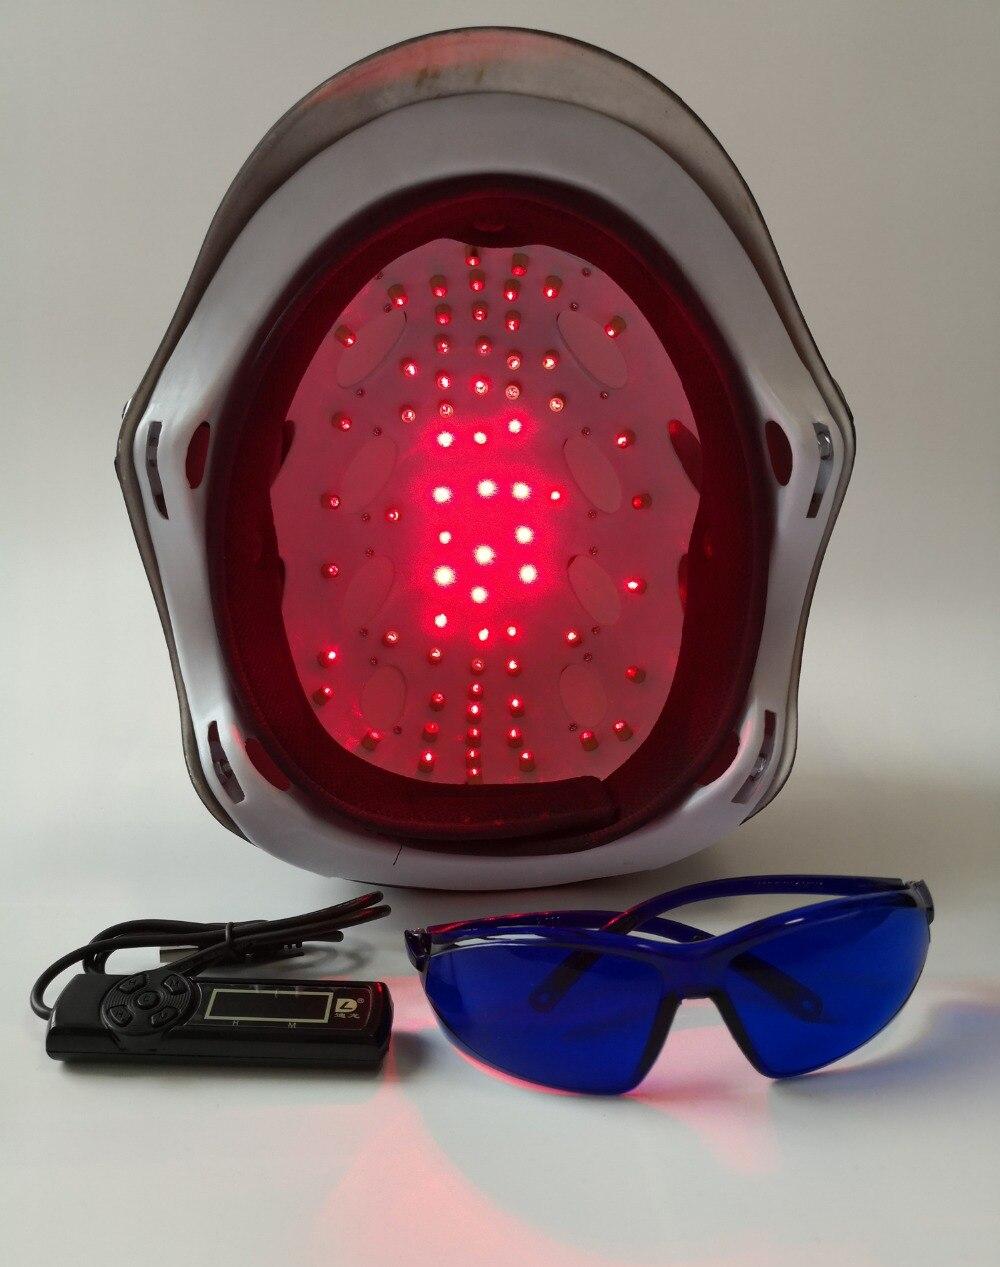 EU SPINA DEGLI STATI UNITI 110 v-220 v prodotti di perdita di Capelli calvizie capelli cresce sistema 650nm laser casco di tappo di per vendita